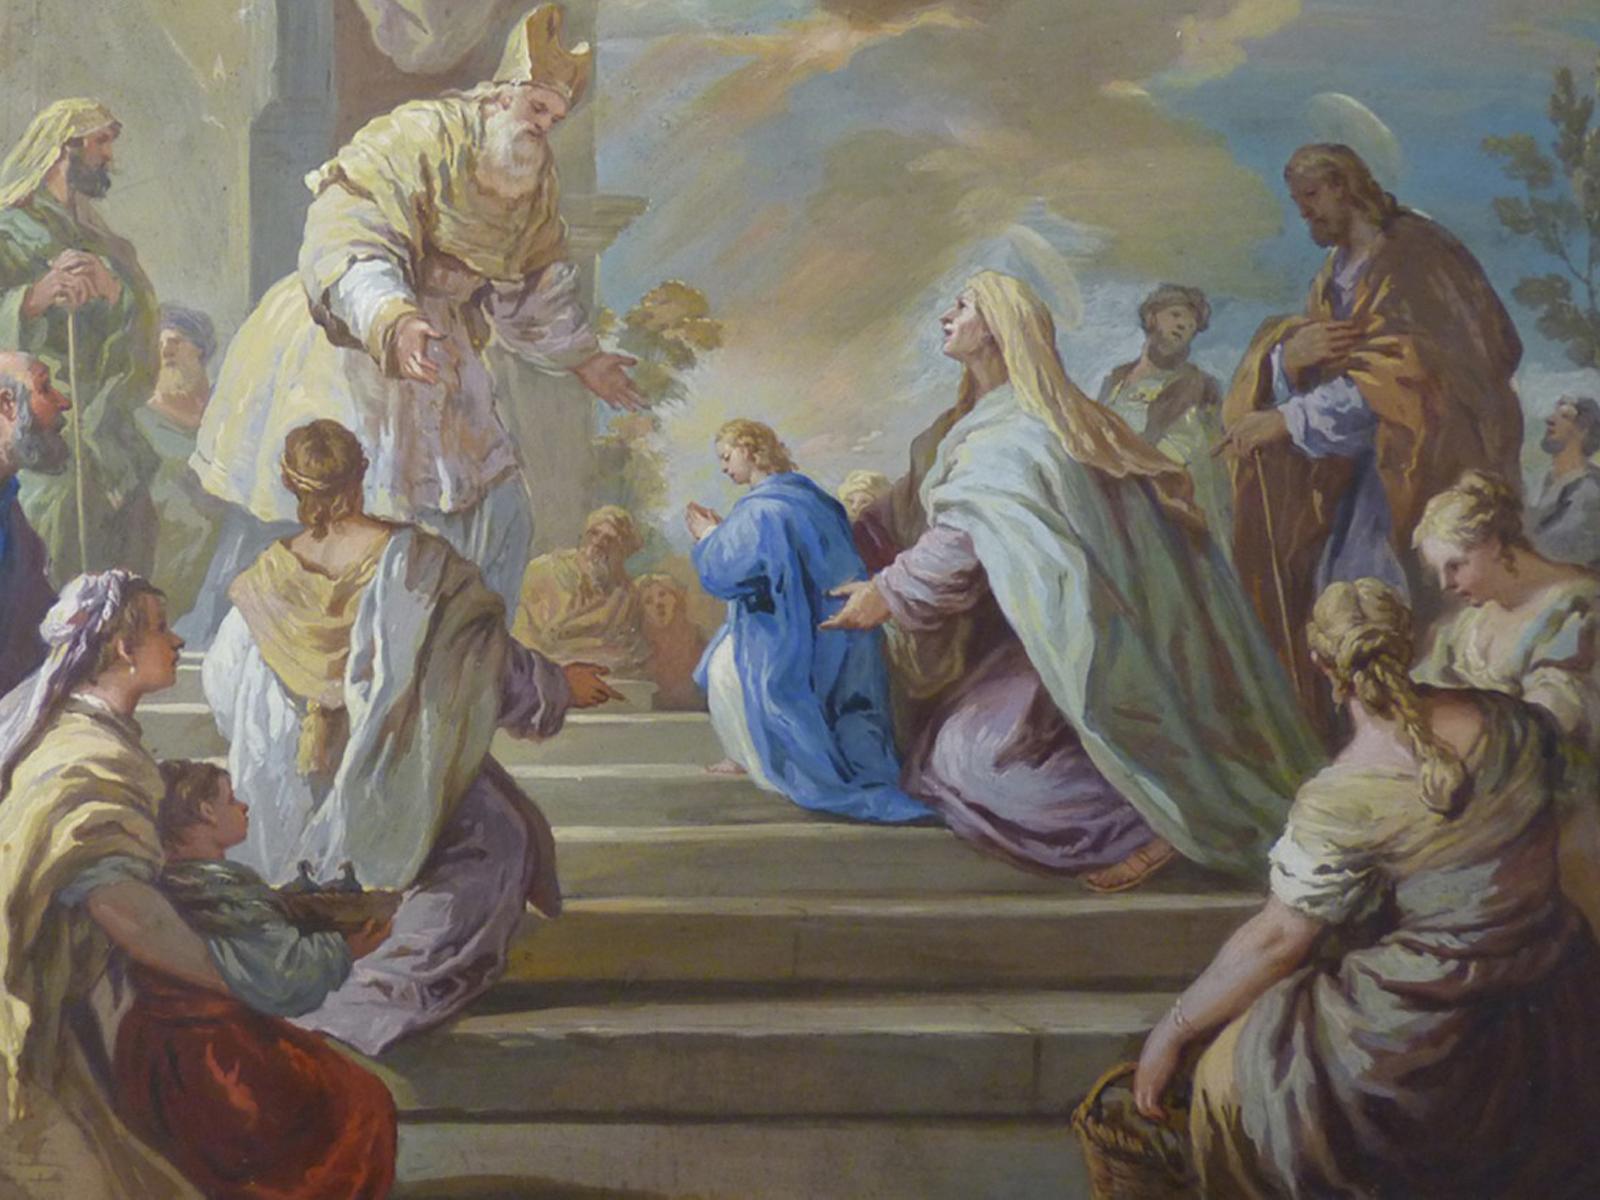 -A-Apresentação-da-Virgem-Maria-no-Templo-de-Jerusalém